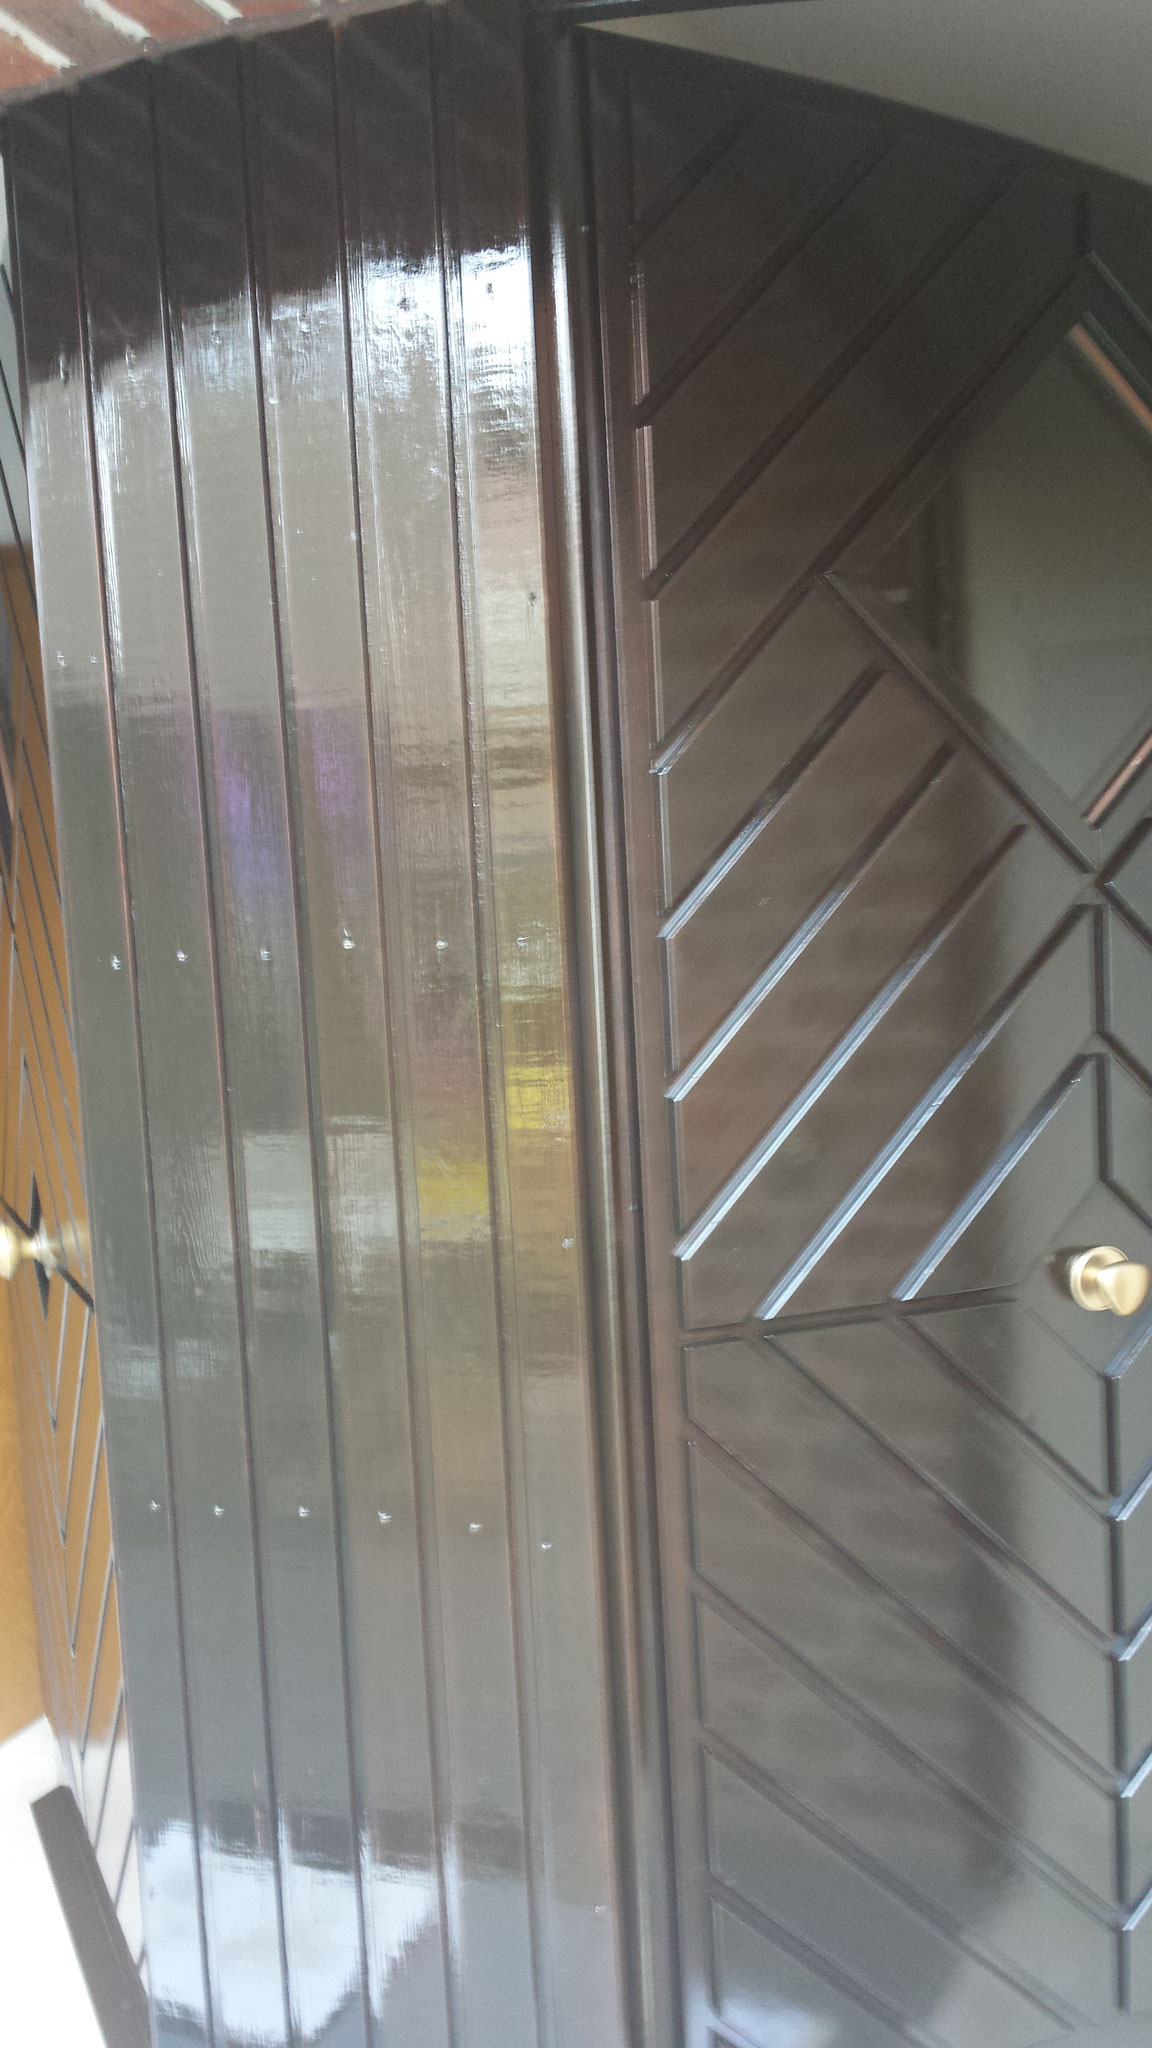 3.Bild 2 Eingangstür in Dickschichtlasur